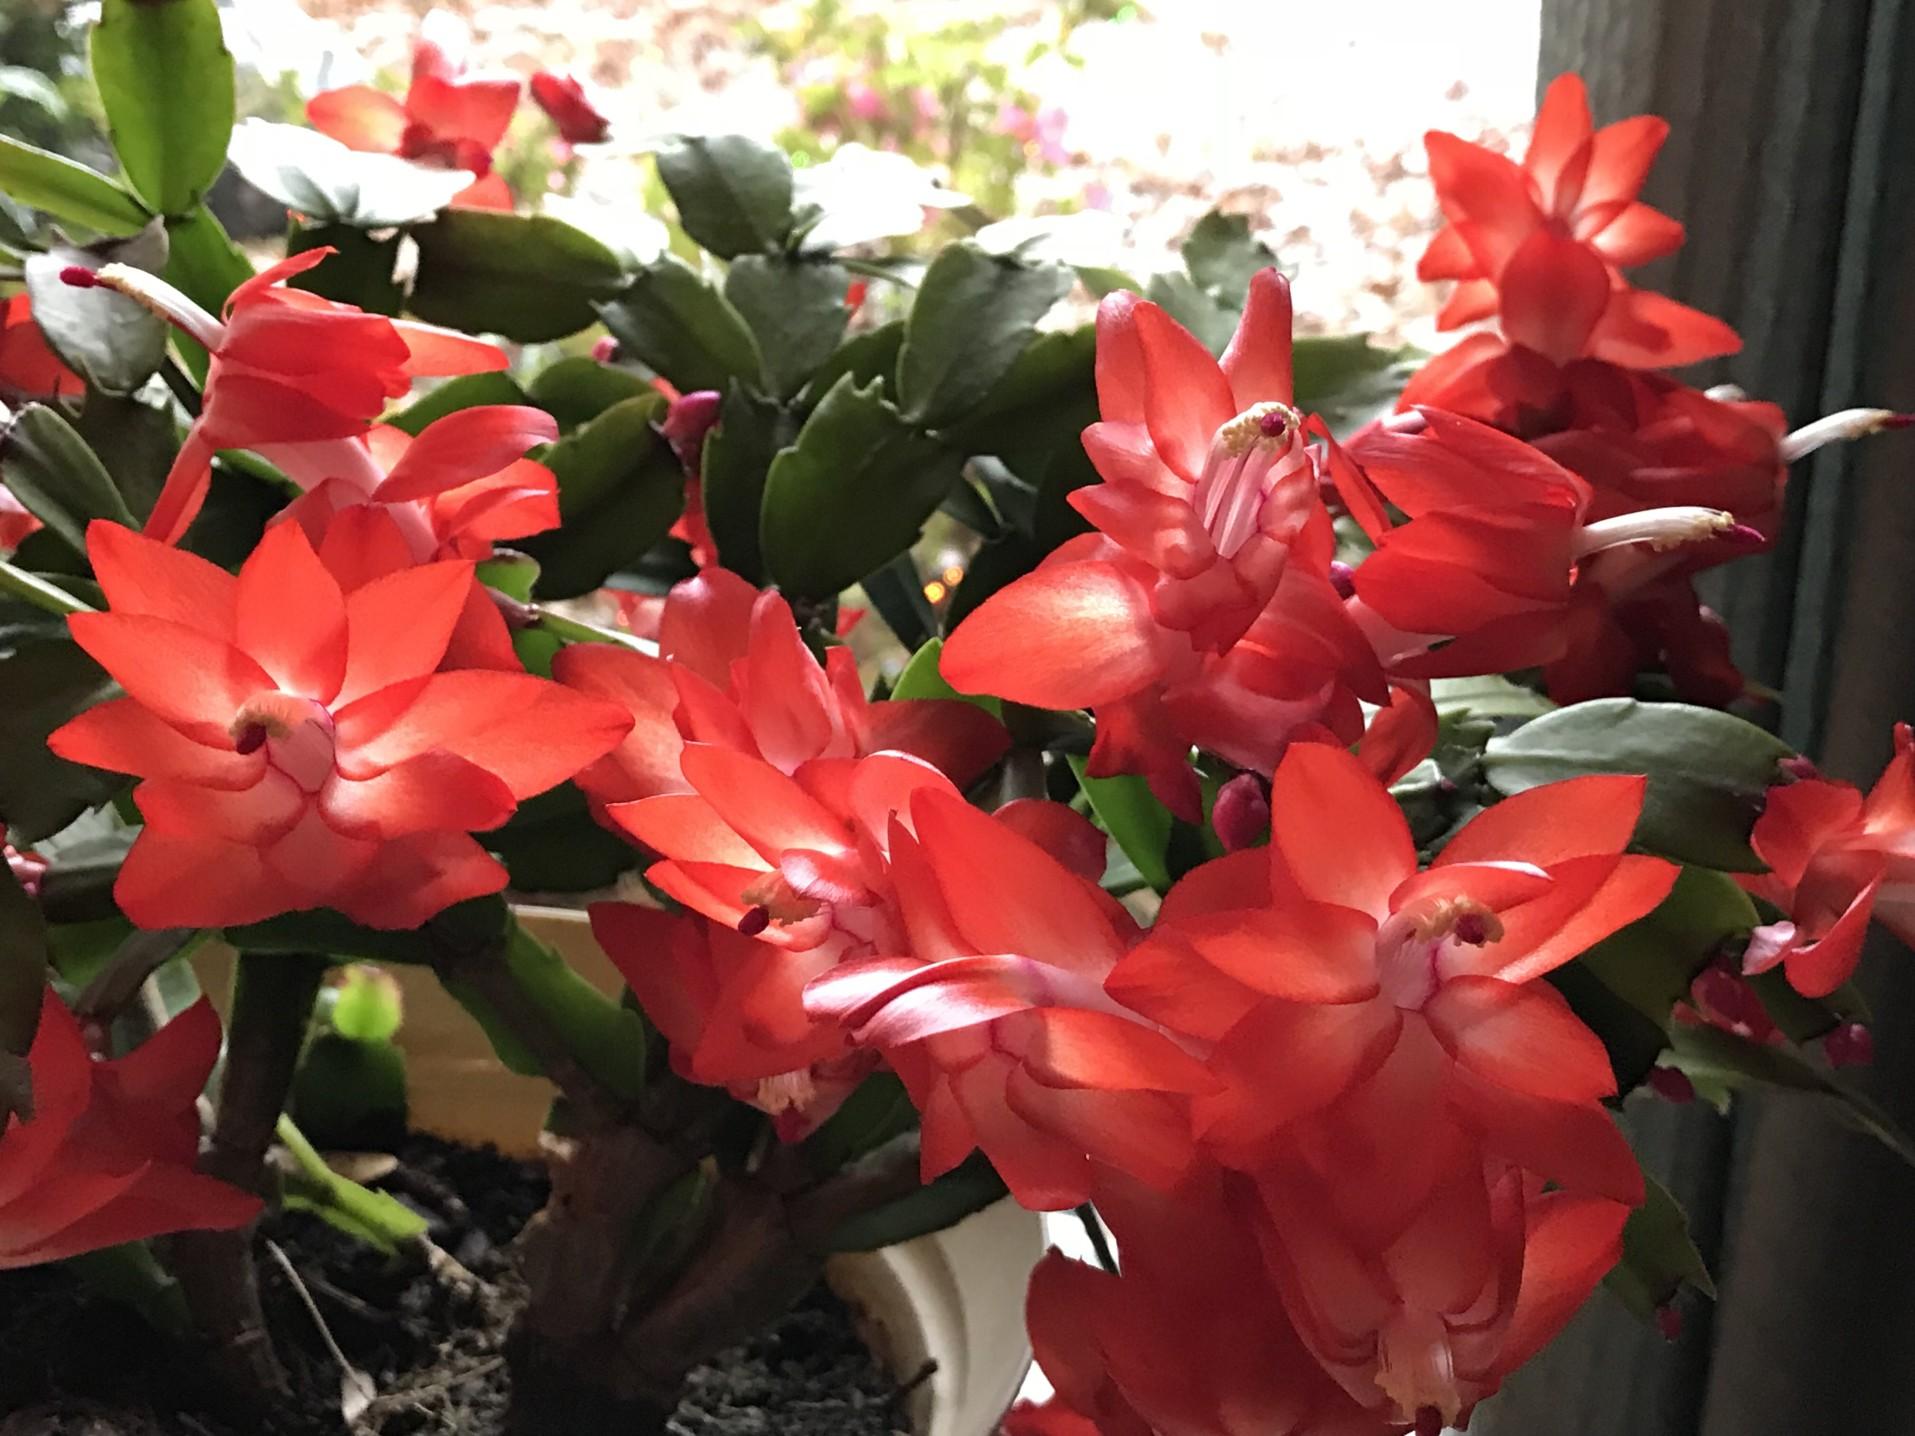 Kaktus bożego narodzeniada smith0521 via Twenty20